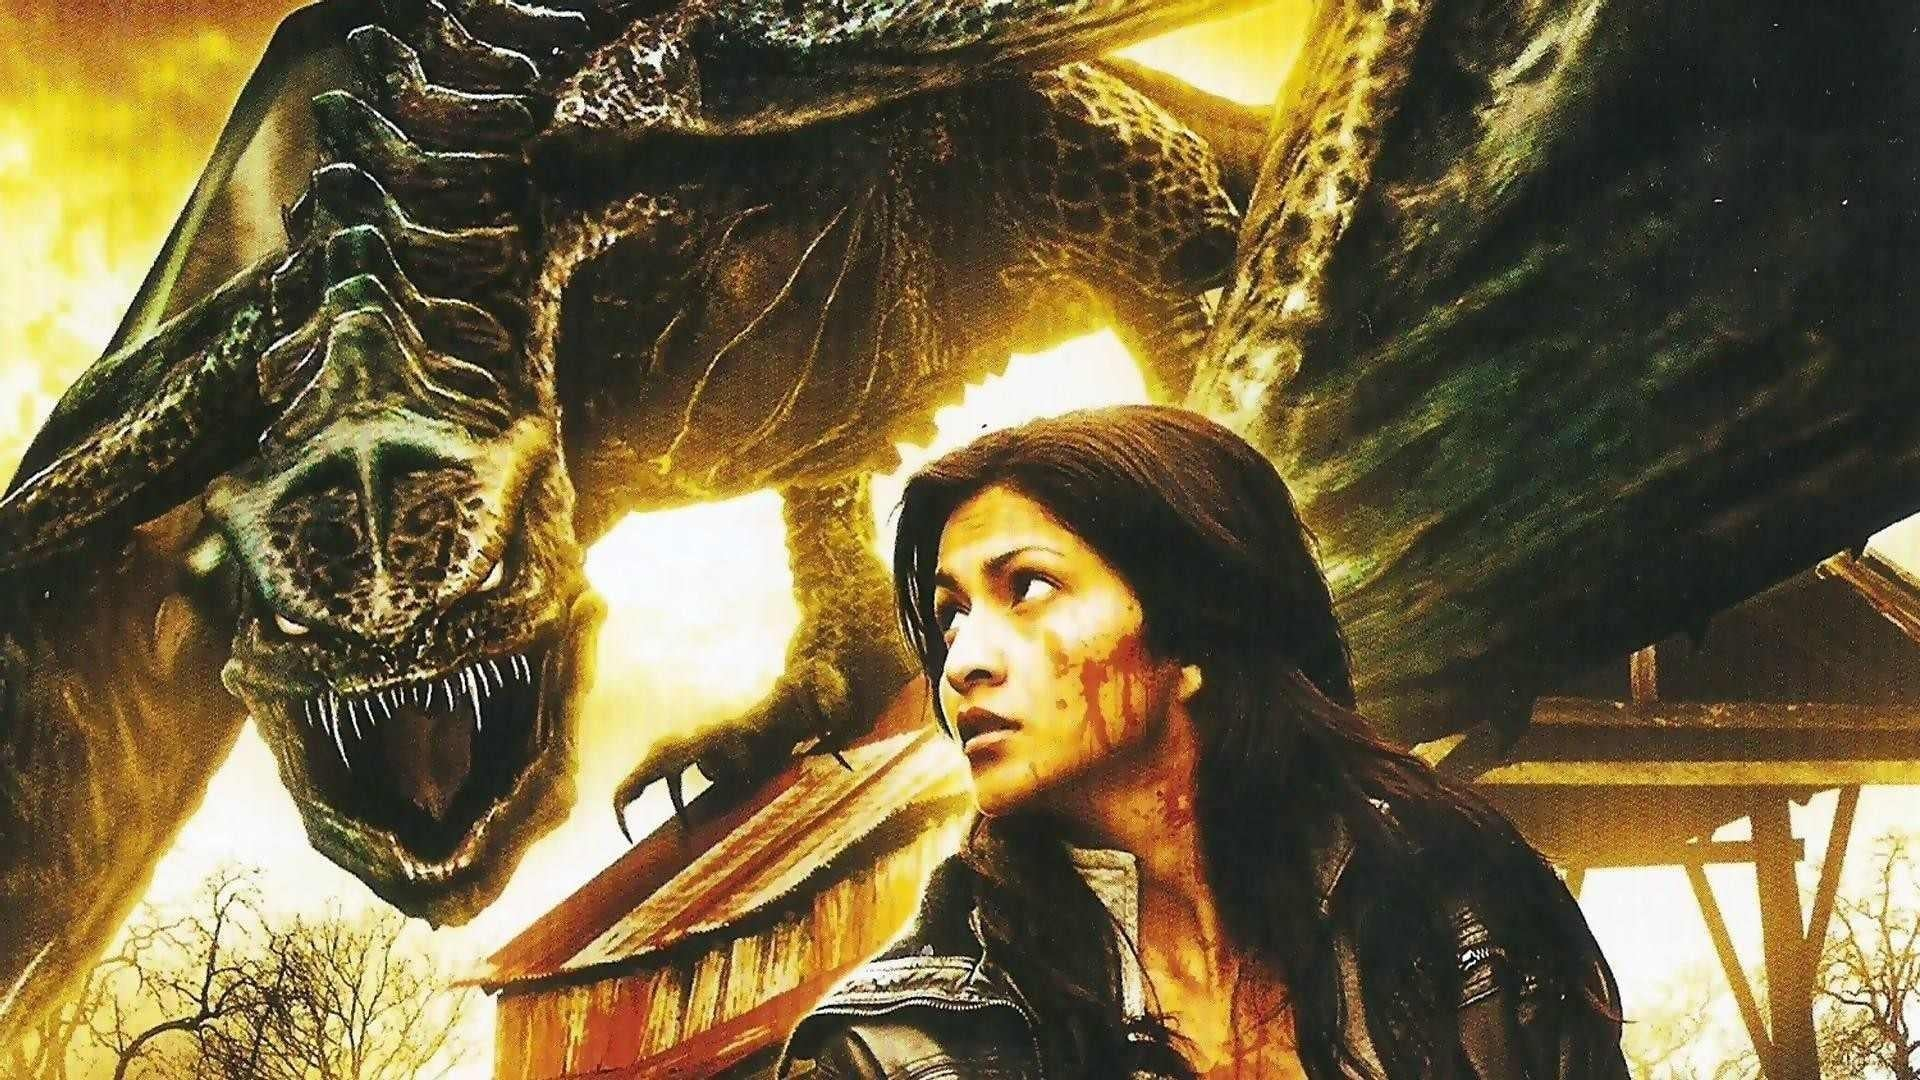 El ataque del dragón 2009